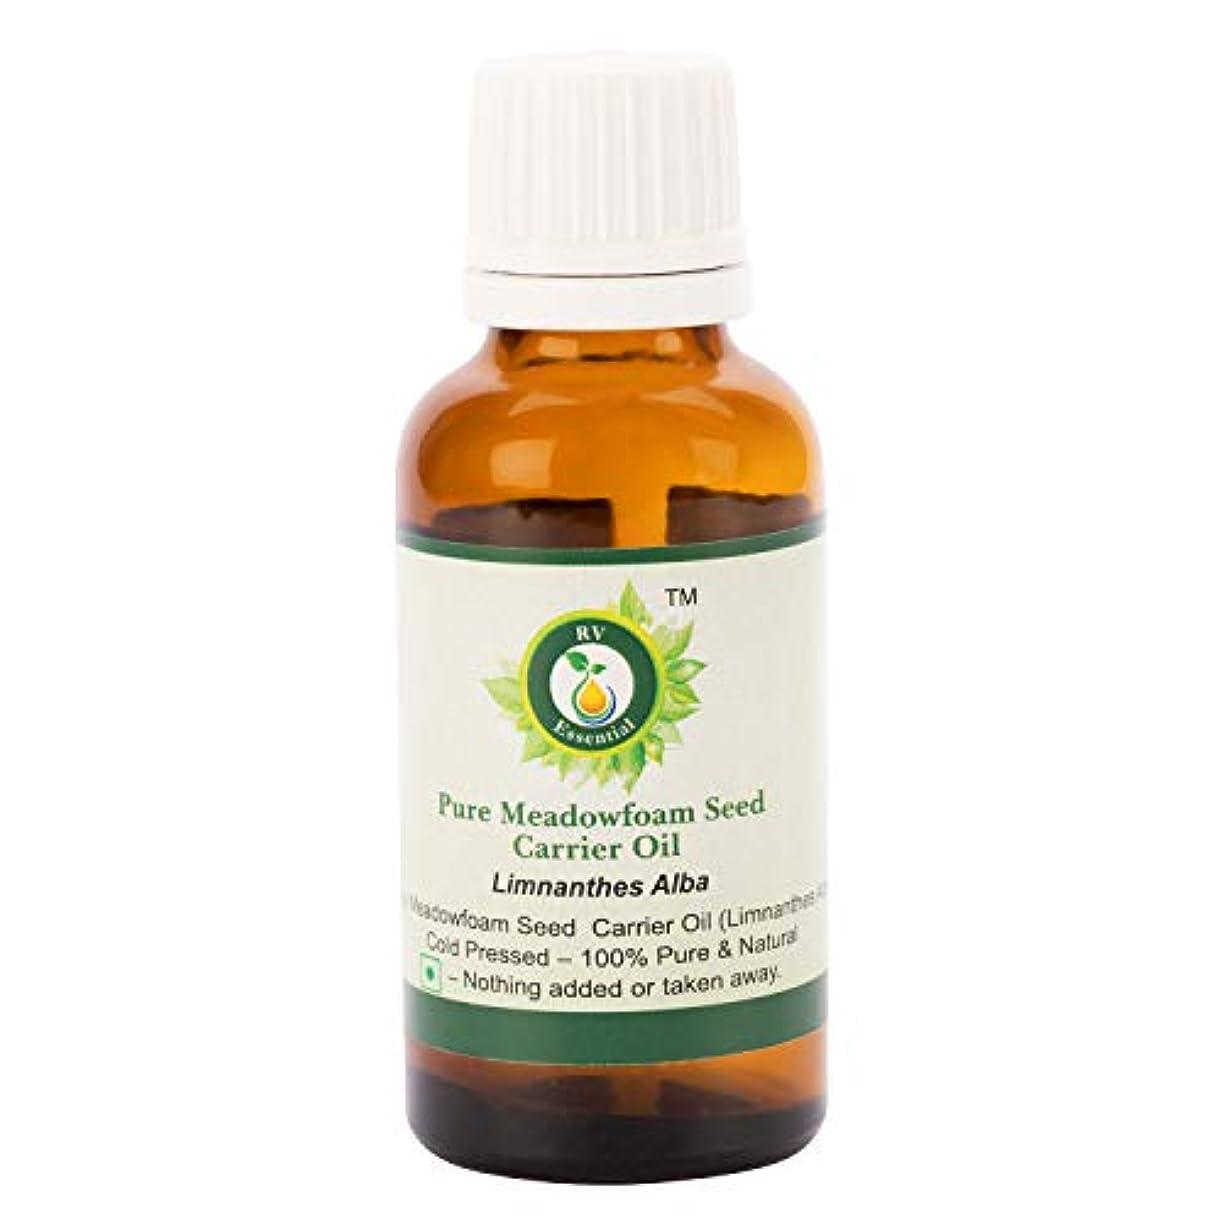 不安定なピストル虚弱ピュアMeadowfoamキャリアオイル5ml (0.169oz)- Limnanthes Alba (100%ピュア&ナチュラルコールドPressed) Pure Meadowfoam Carrier Oil